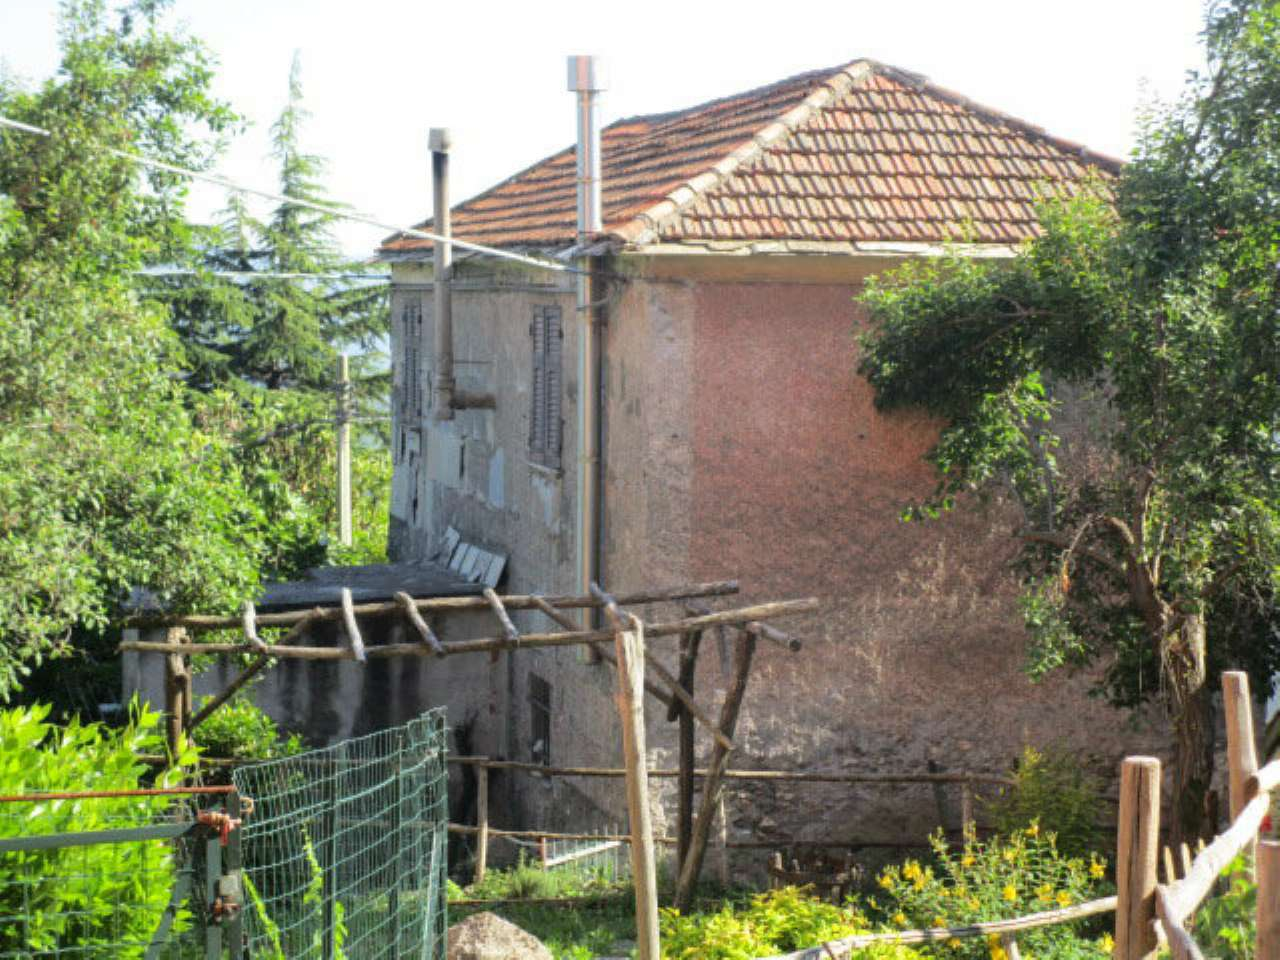 Rustico / Casale in vendita a Mignanego, 3 locali, prezzo € 90.000 | CambioCasa.it